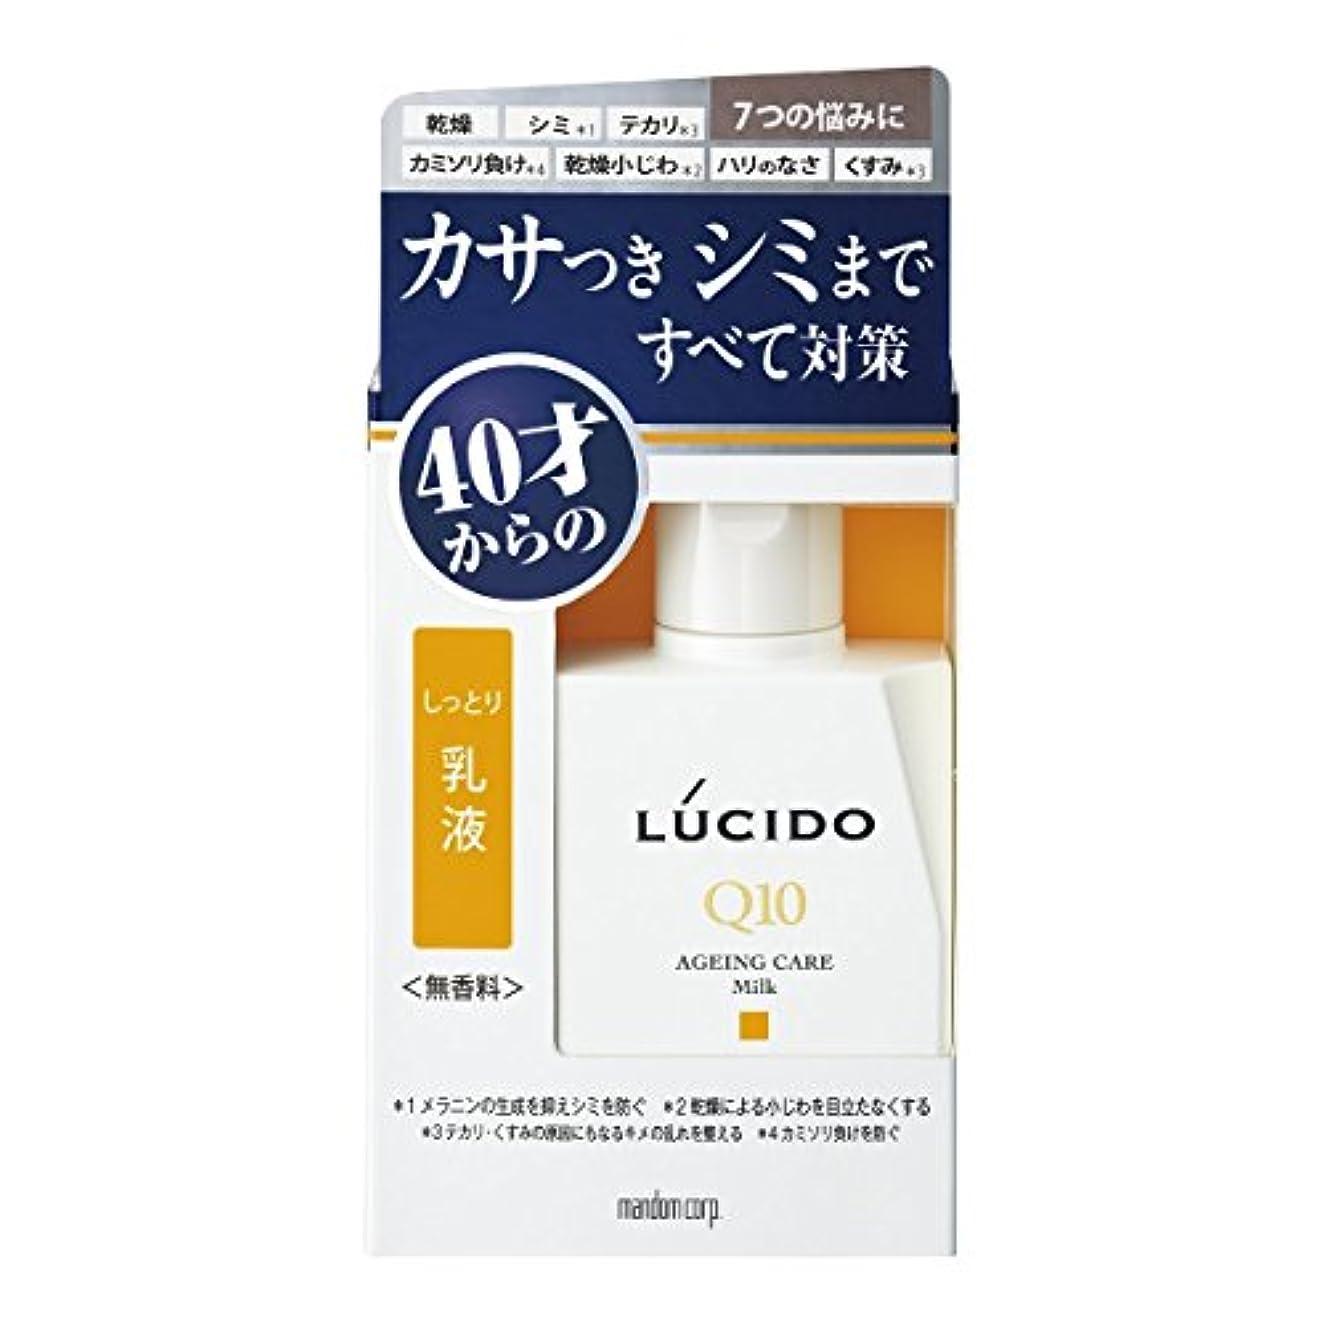 うっかりファンタジーより良いルシード 薬用 トータルケア乳液 100mL(医薬部外品)